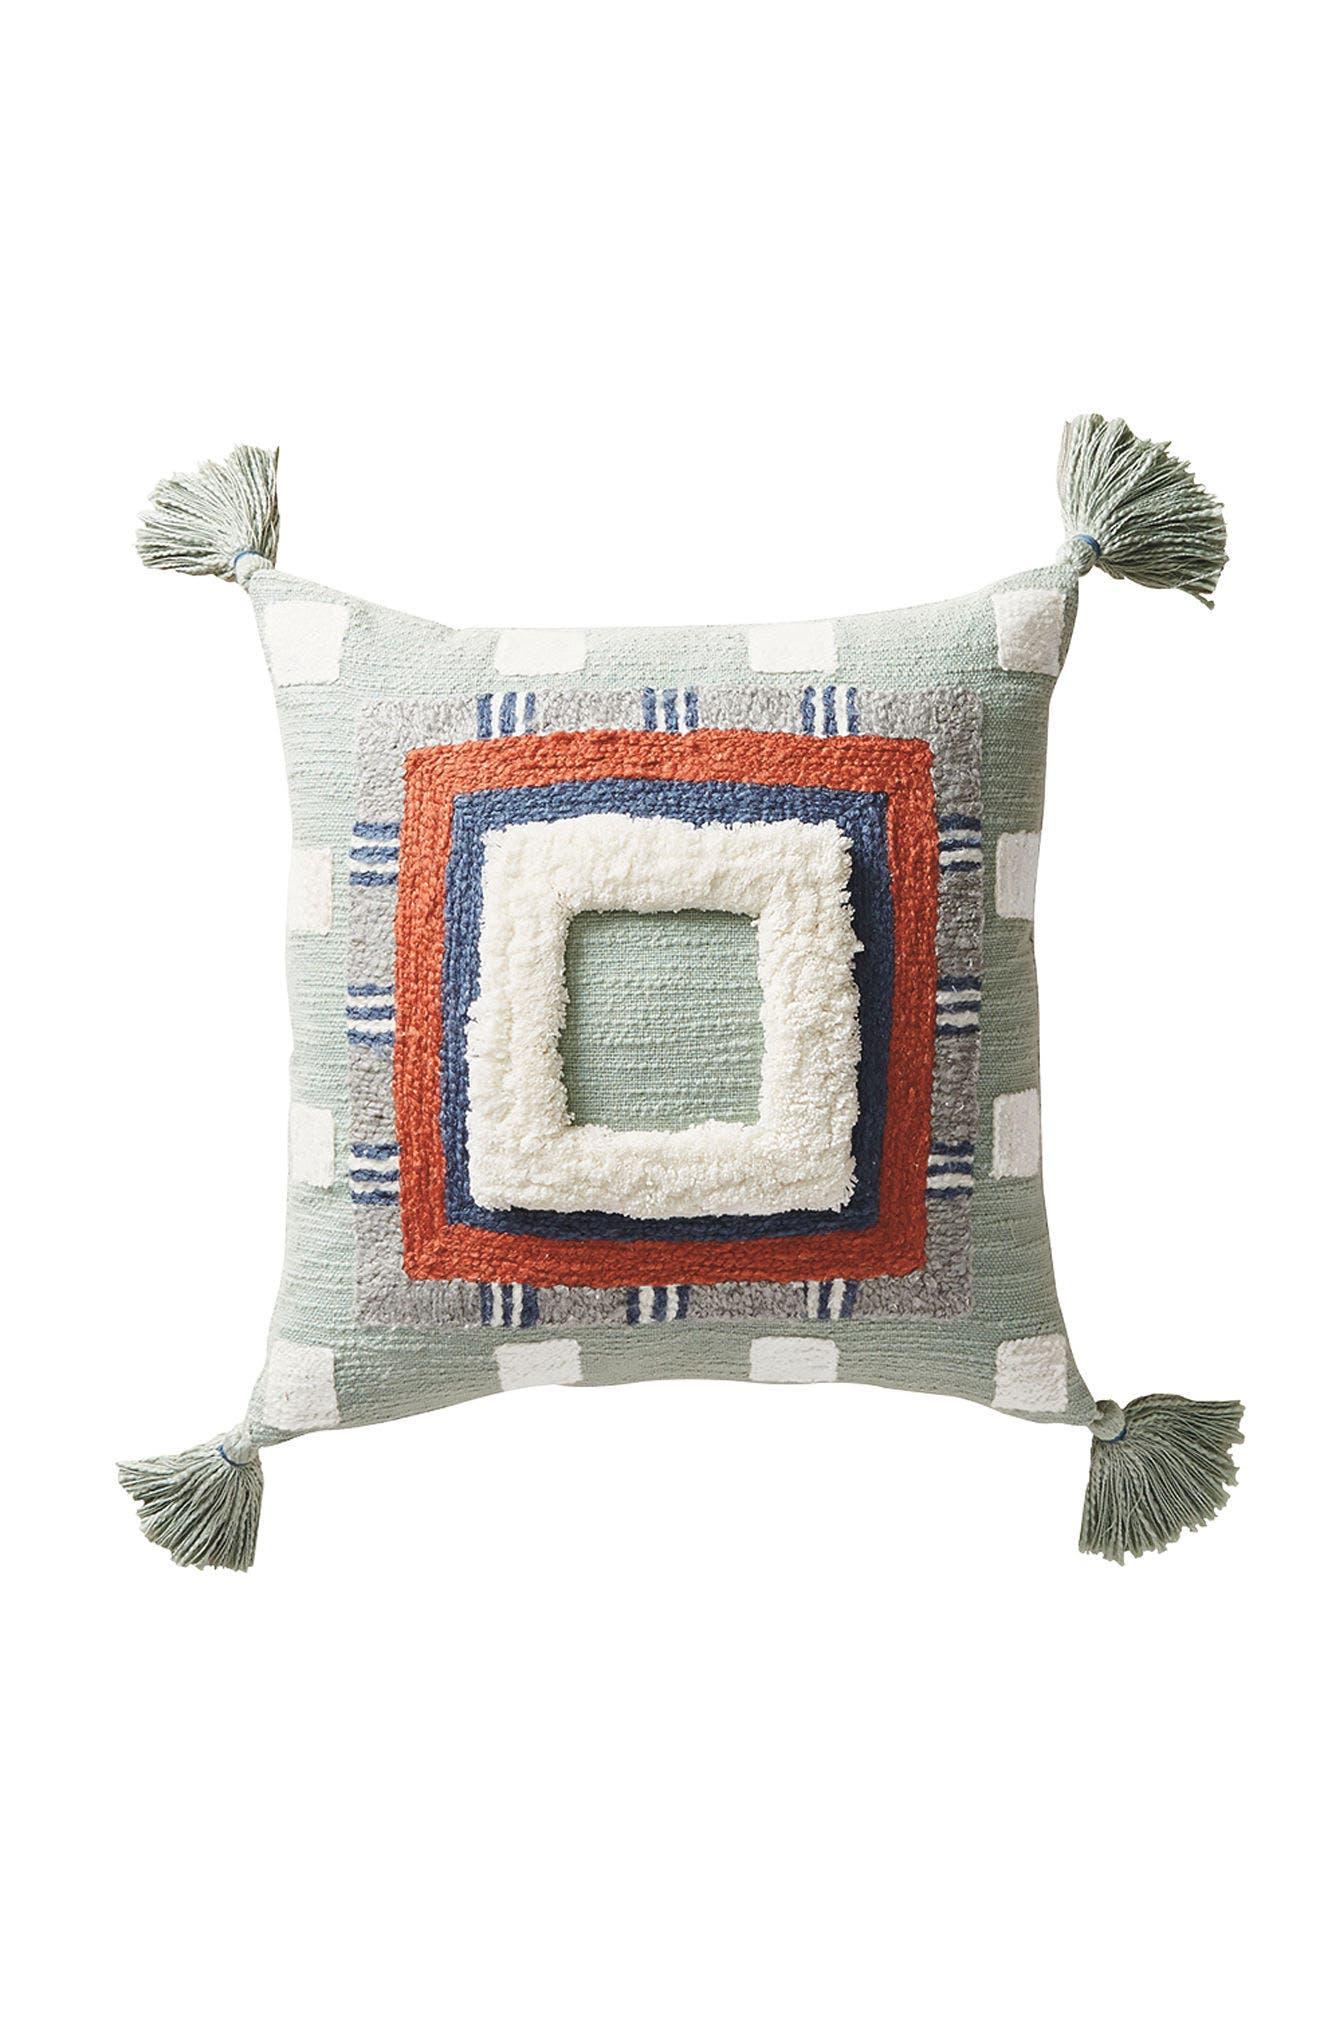 Rayas Lumbar Accent Pillow,                             Alternate thumbnail 6, color,